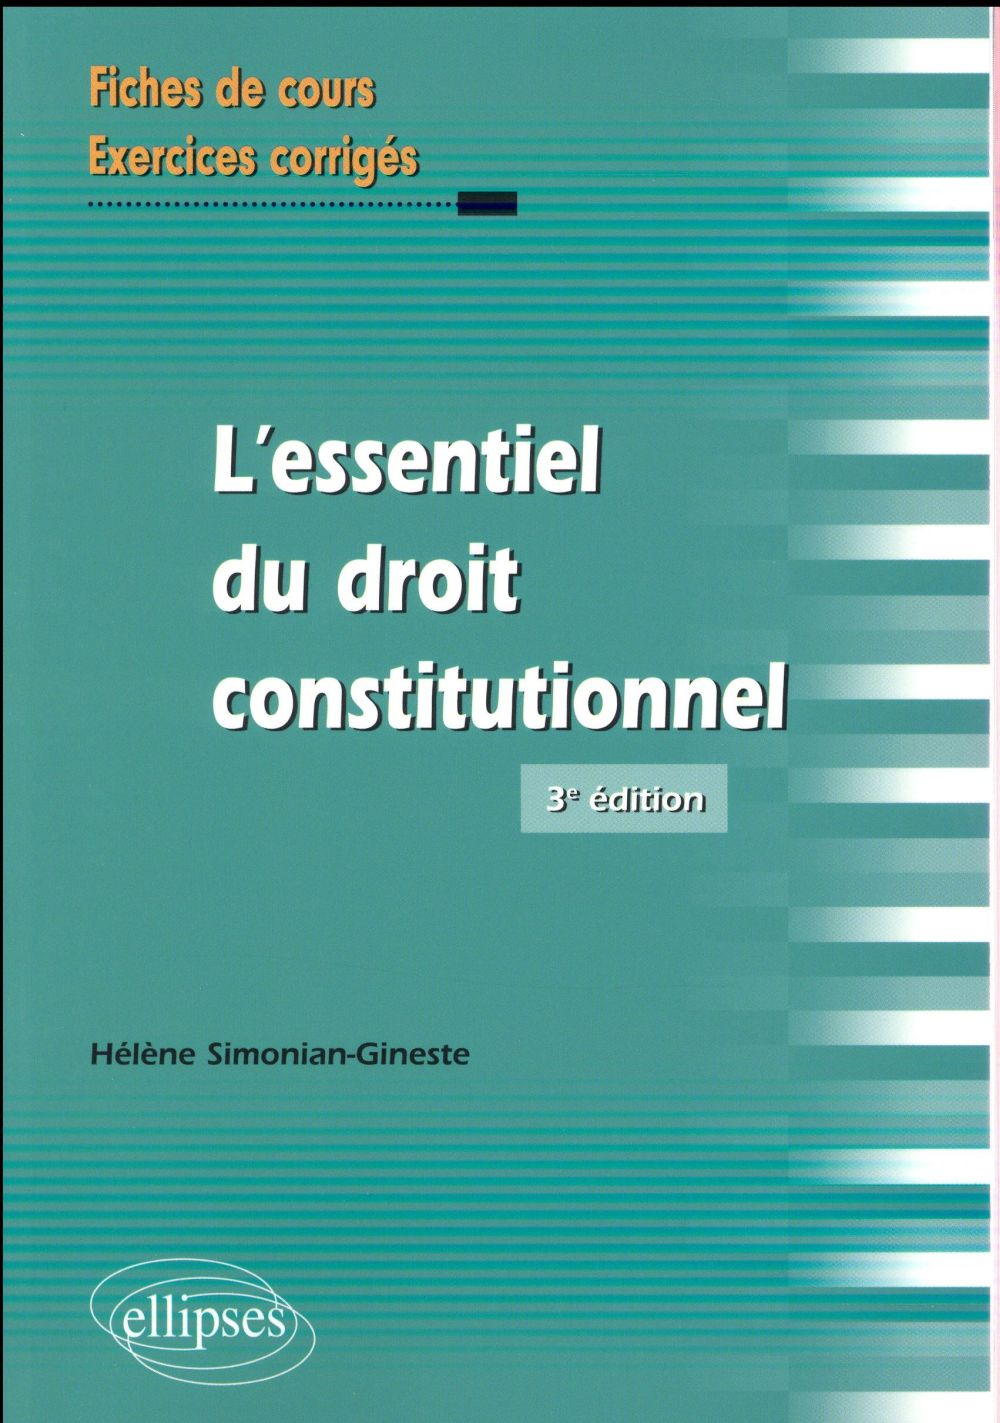 L'ESSENTIEL DU DROIT CONSTITUTIONNEL (3E EDITION)